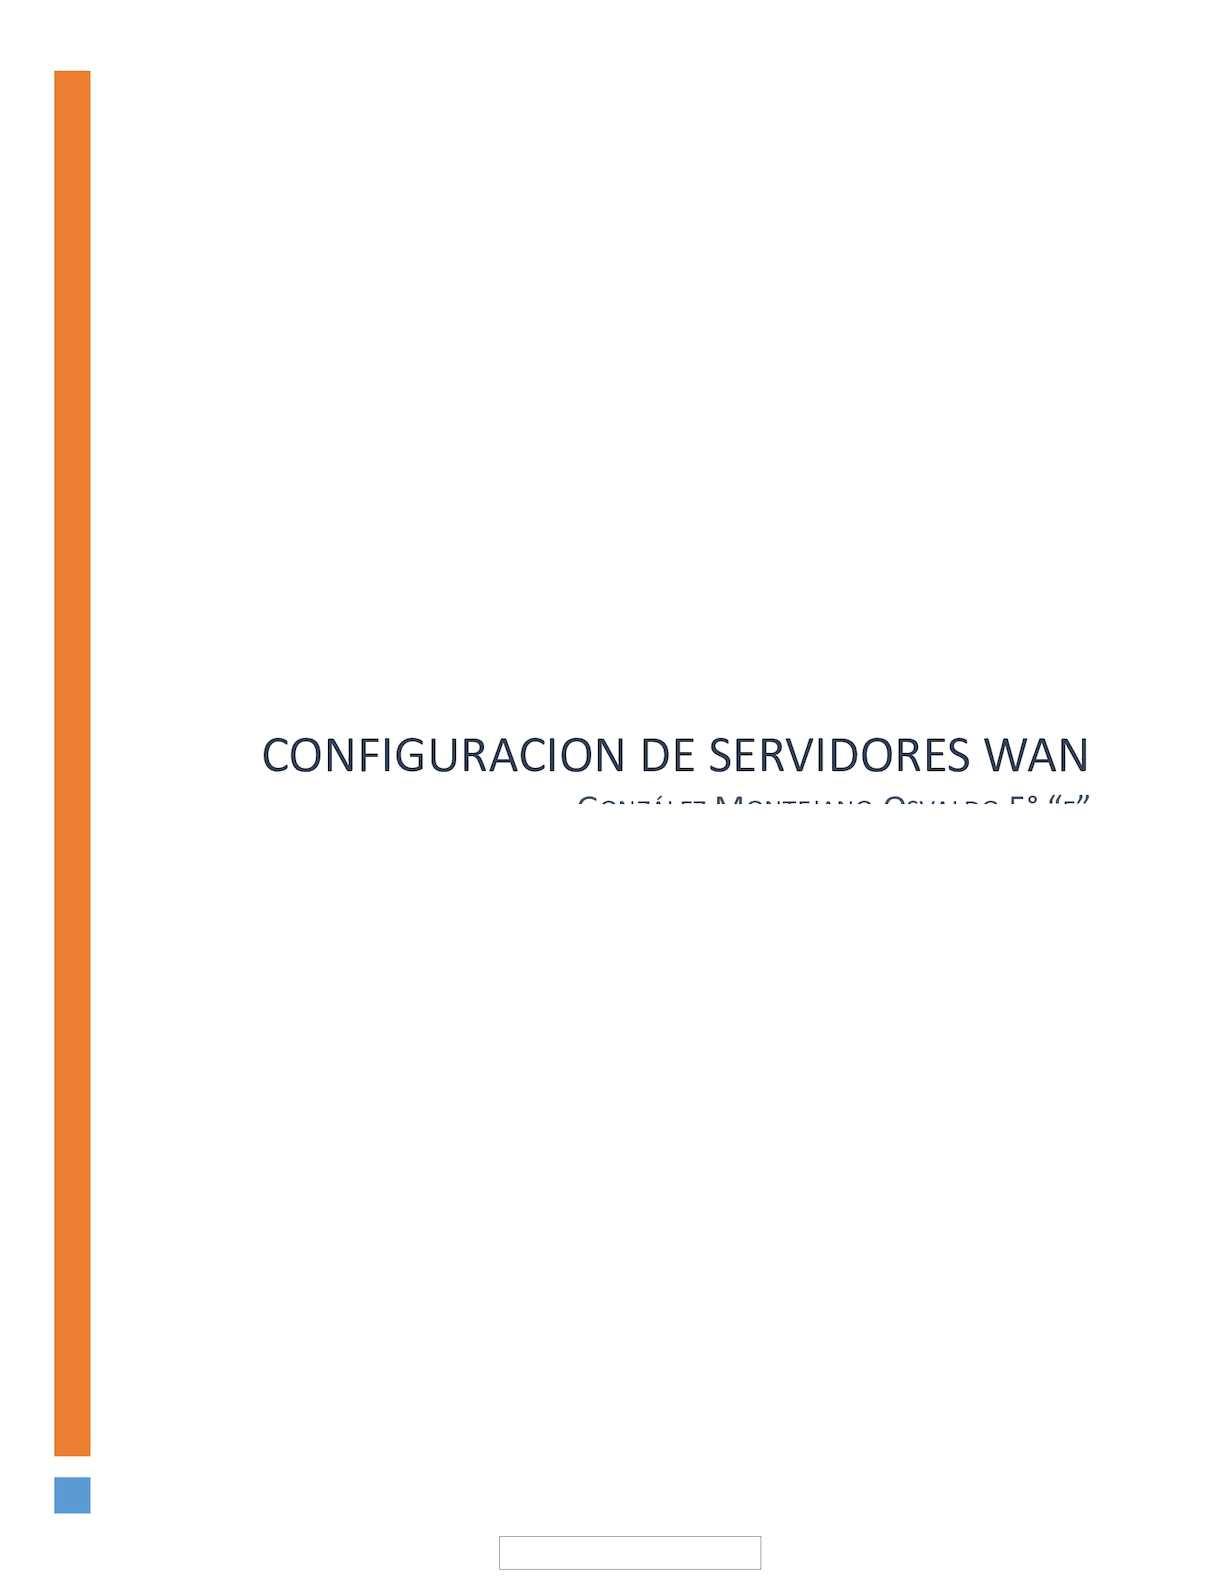 Calaméo - Manual Configuracion De Servidores Wan